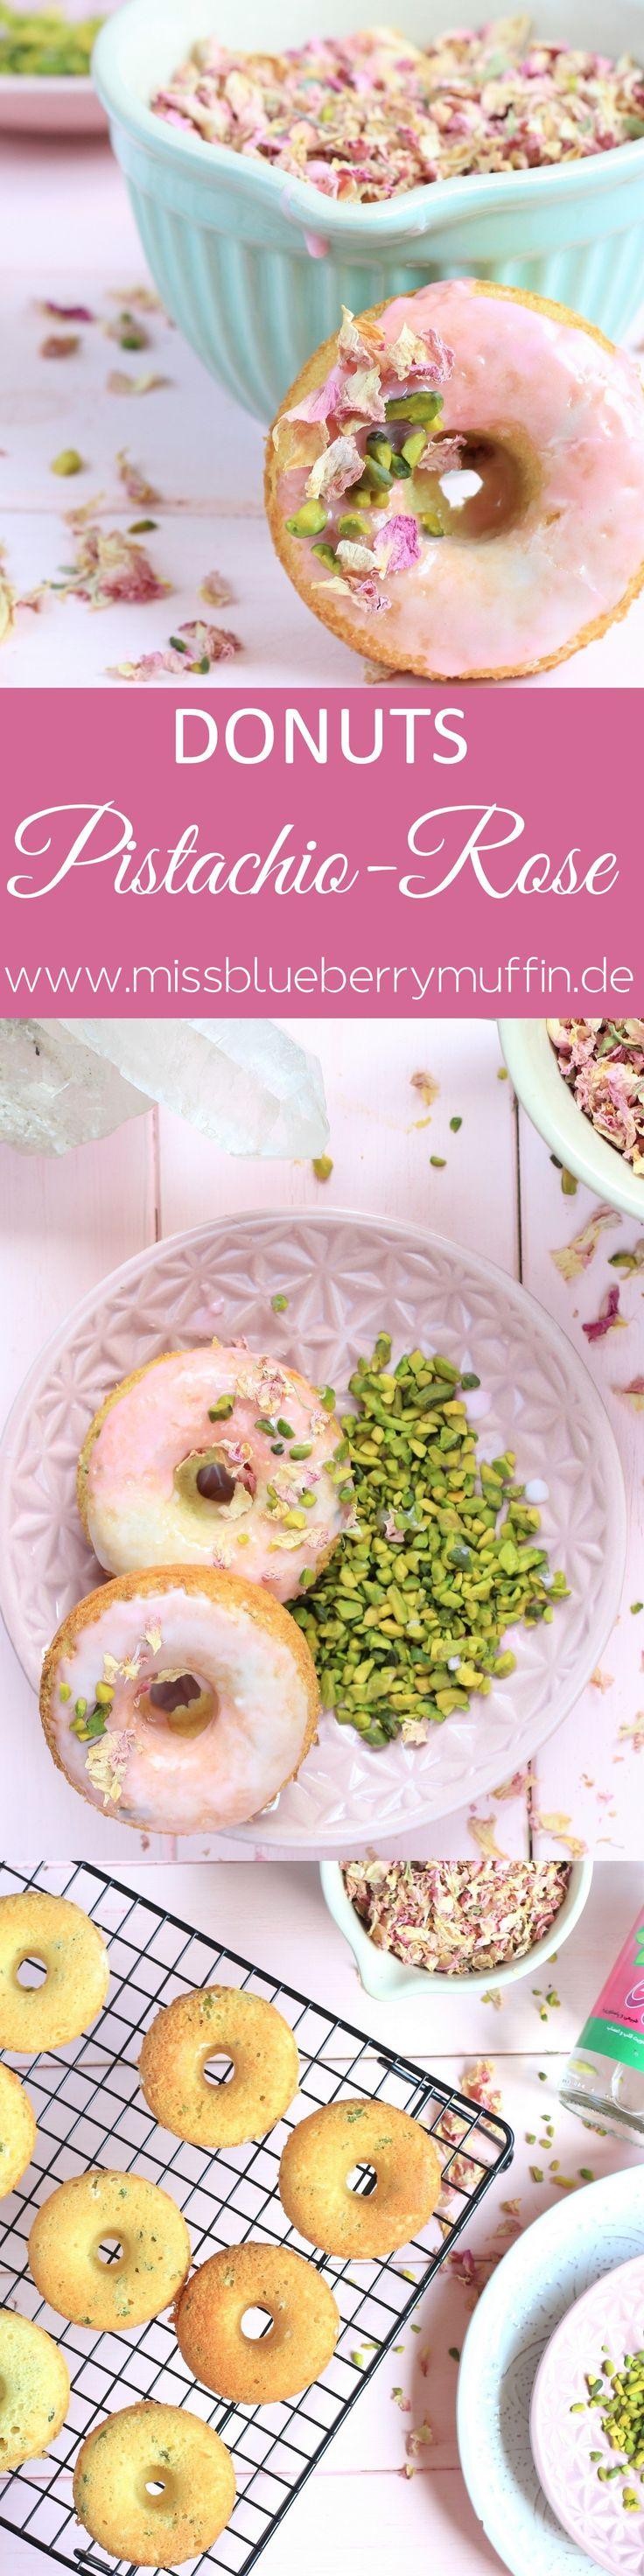 Orientalische Pistazien-Rosen-Donuts aus dem Backofen // Baked pistachio rose donuts <3